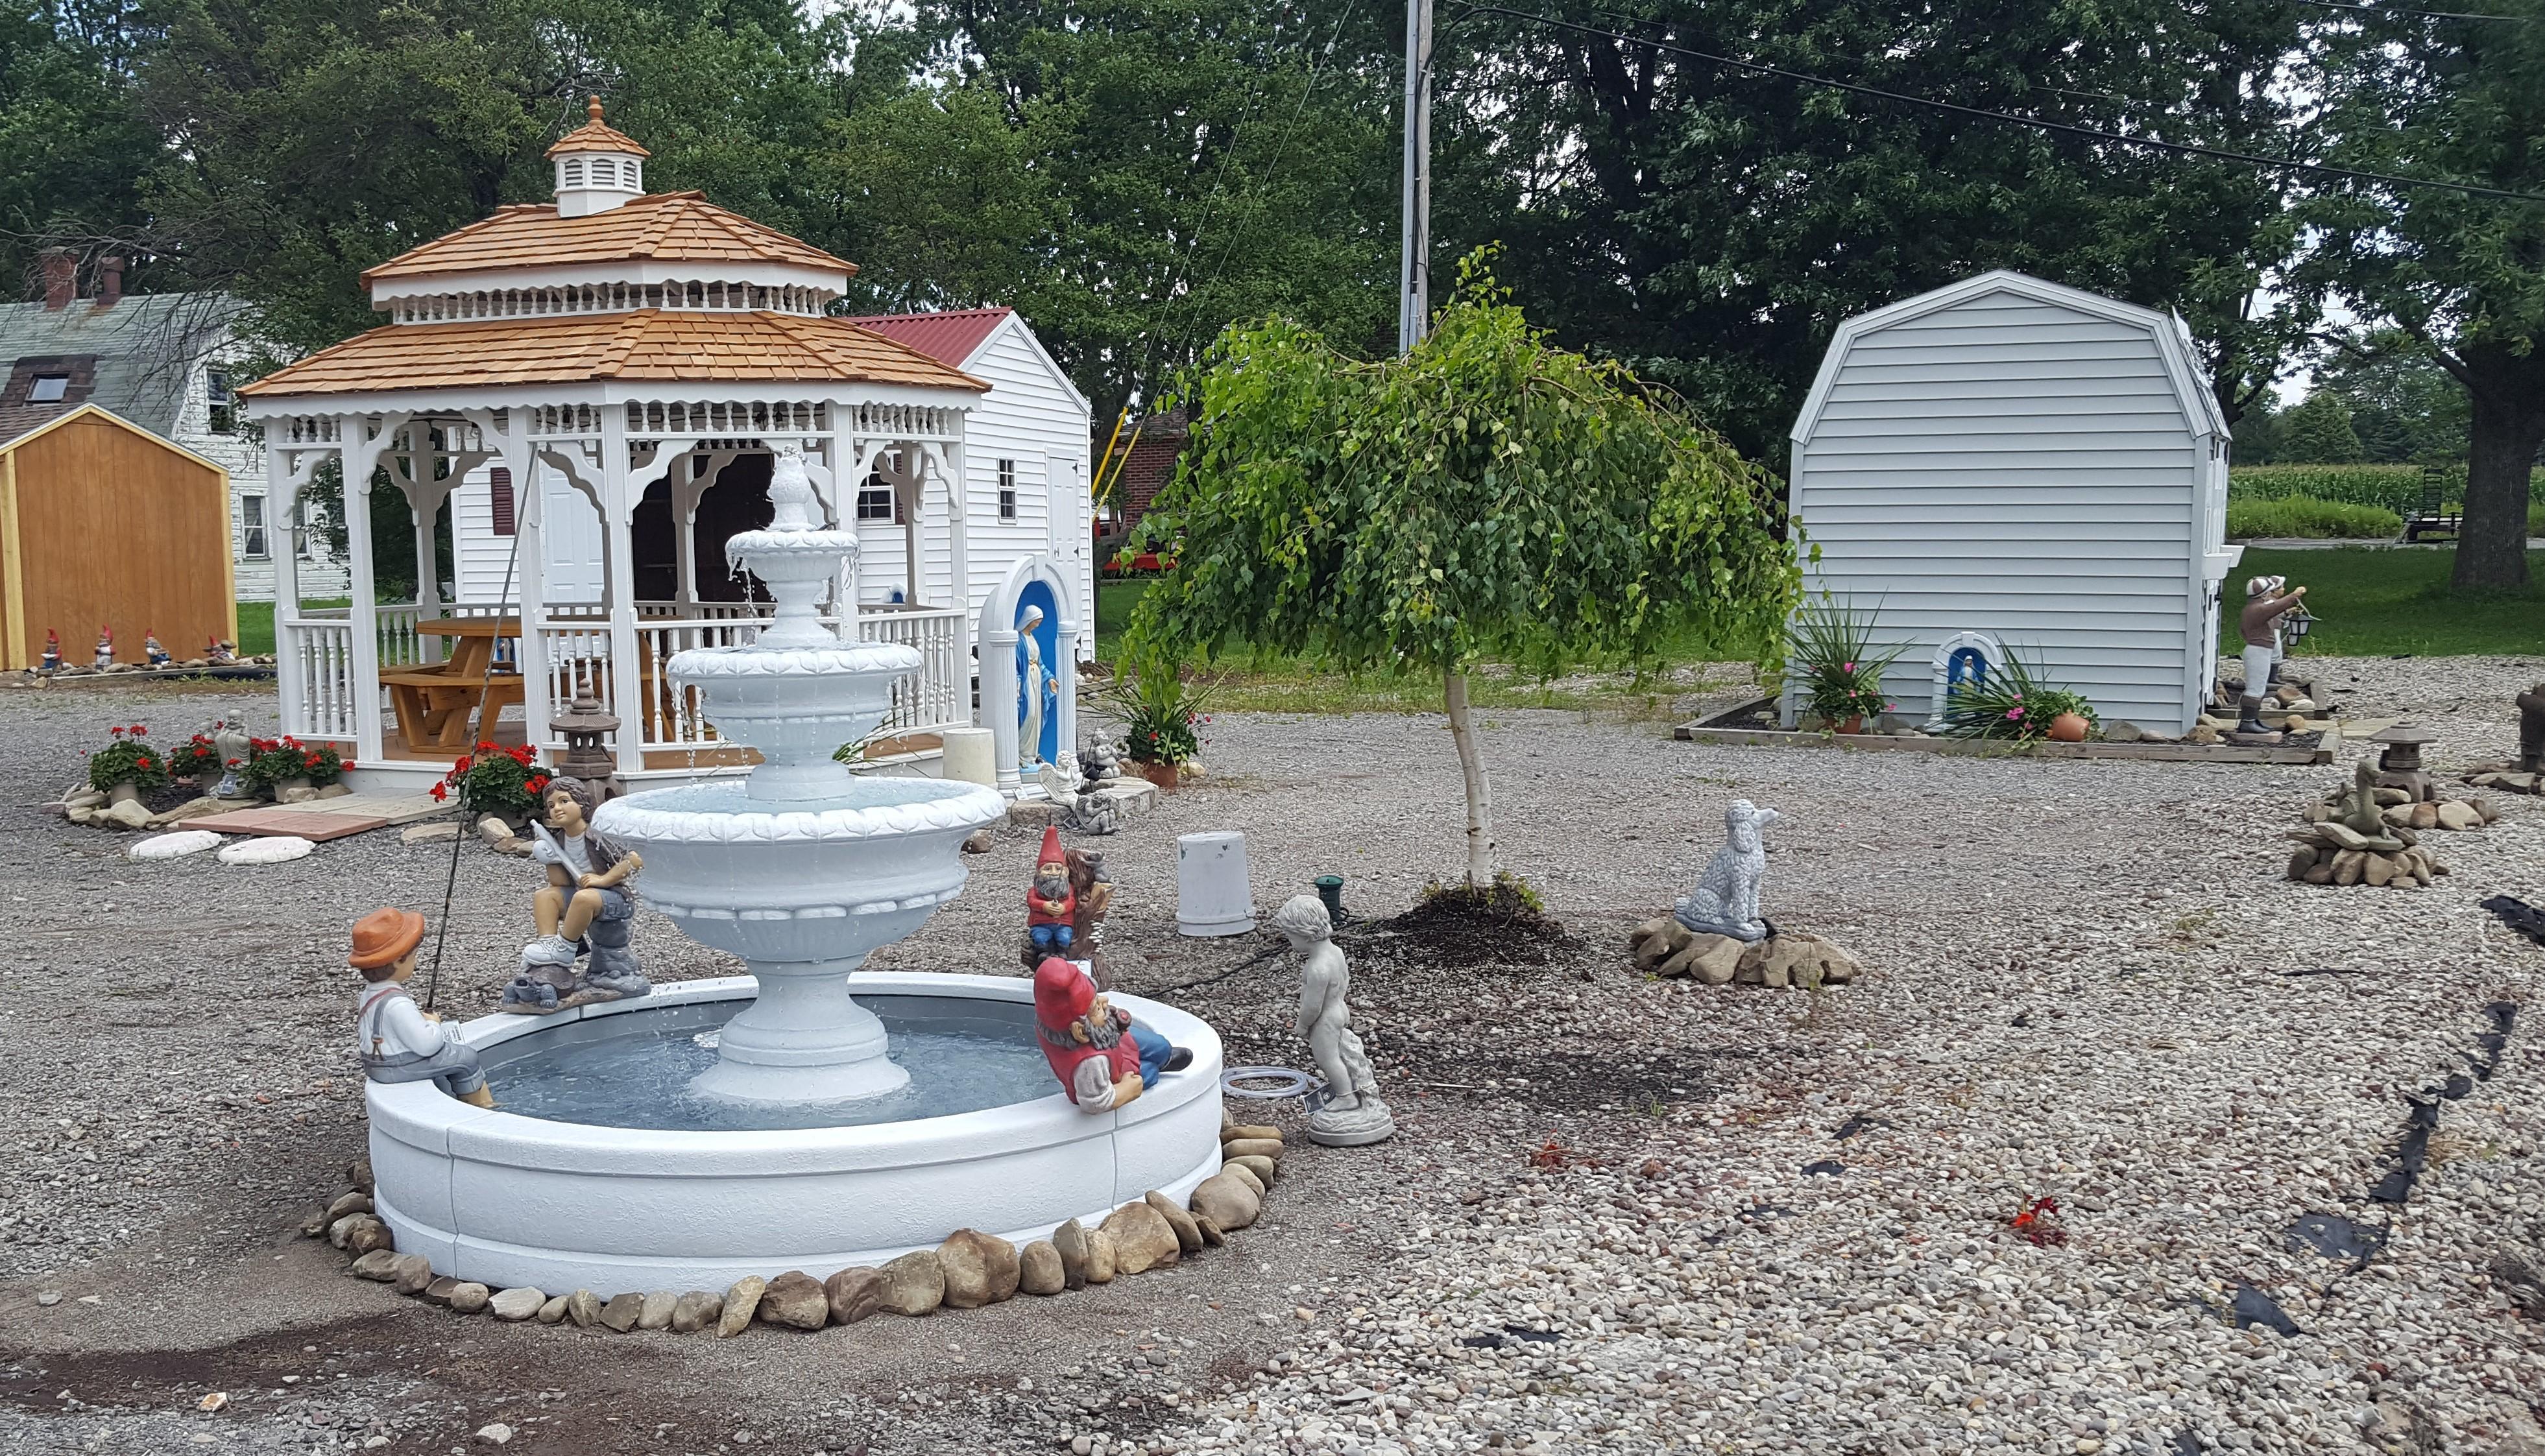 Wheatfield Garden And Gift 2921 Niagara Falls Blvd